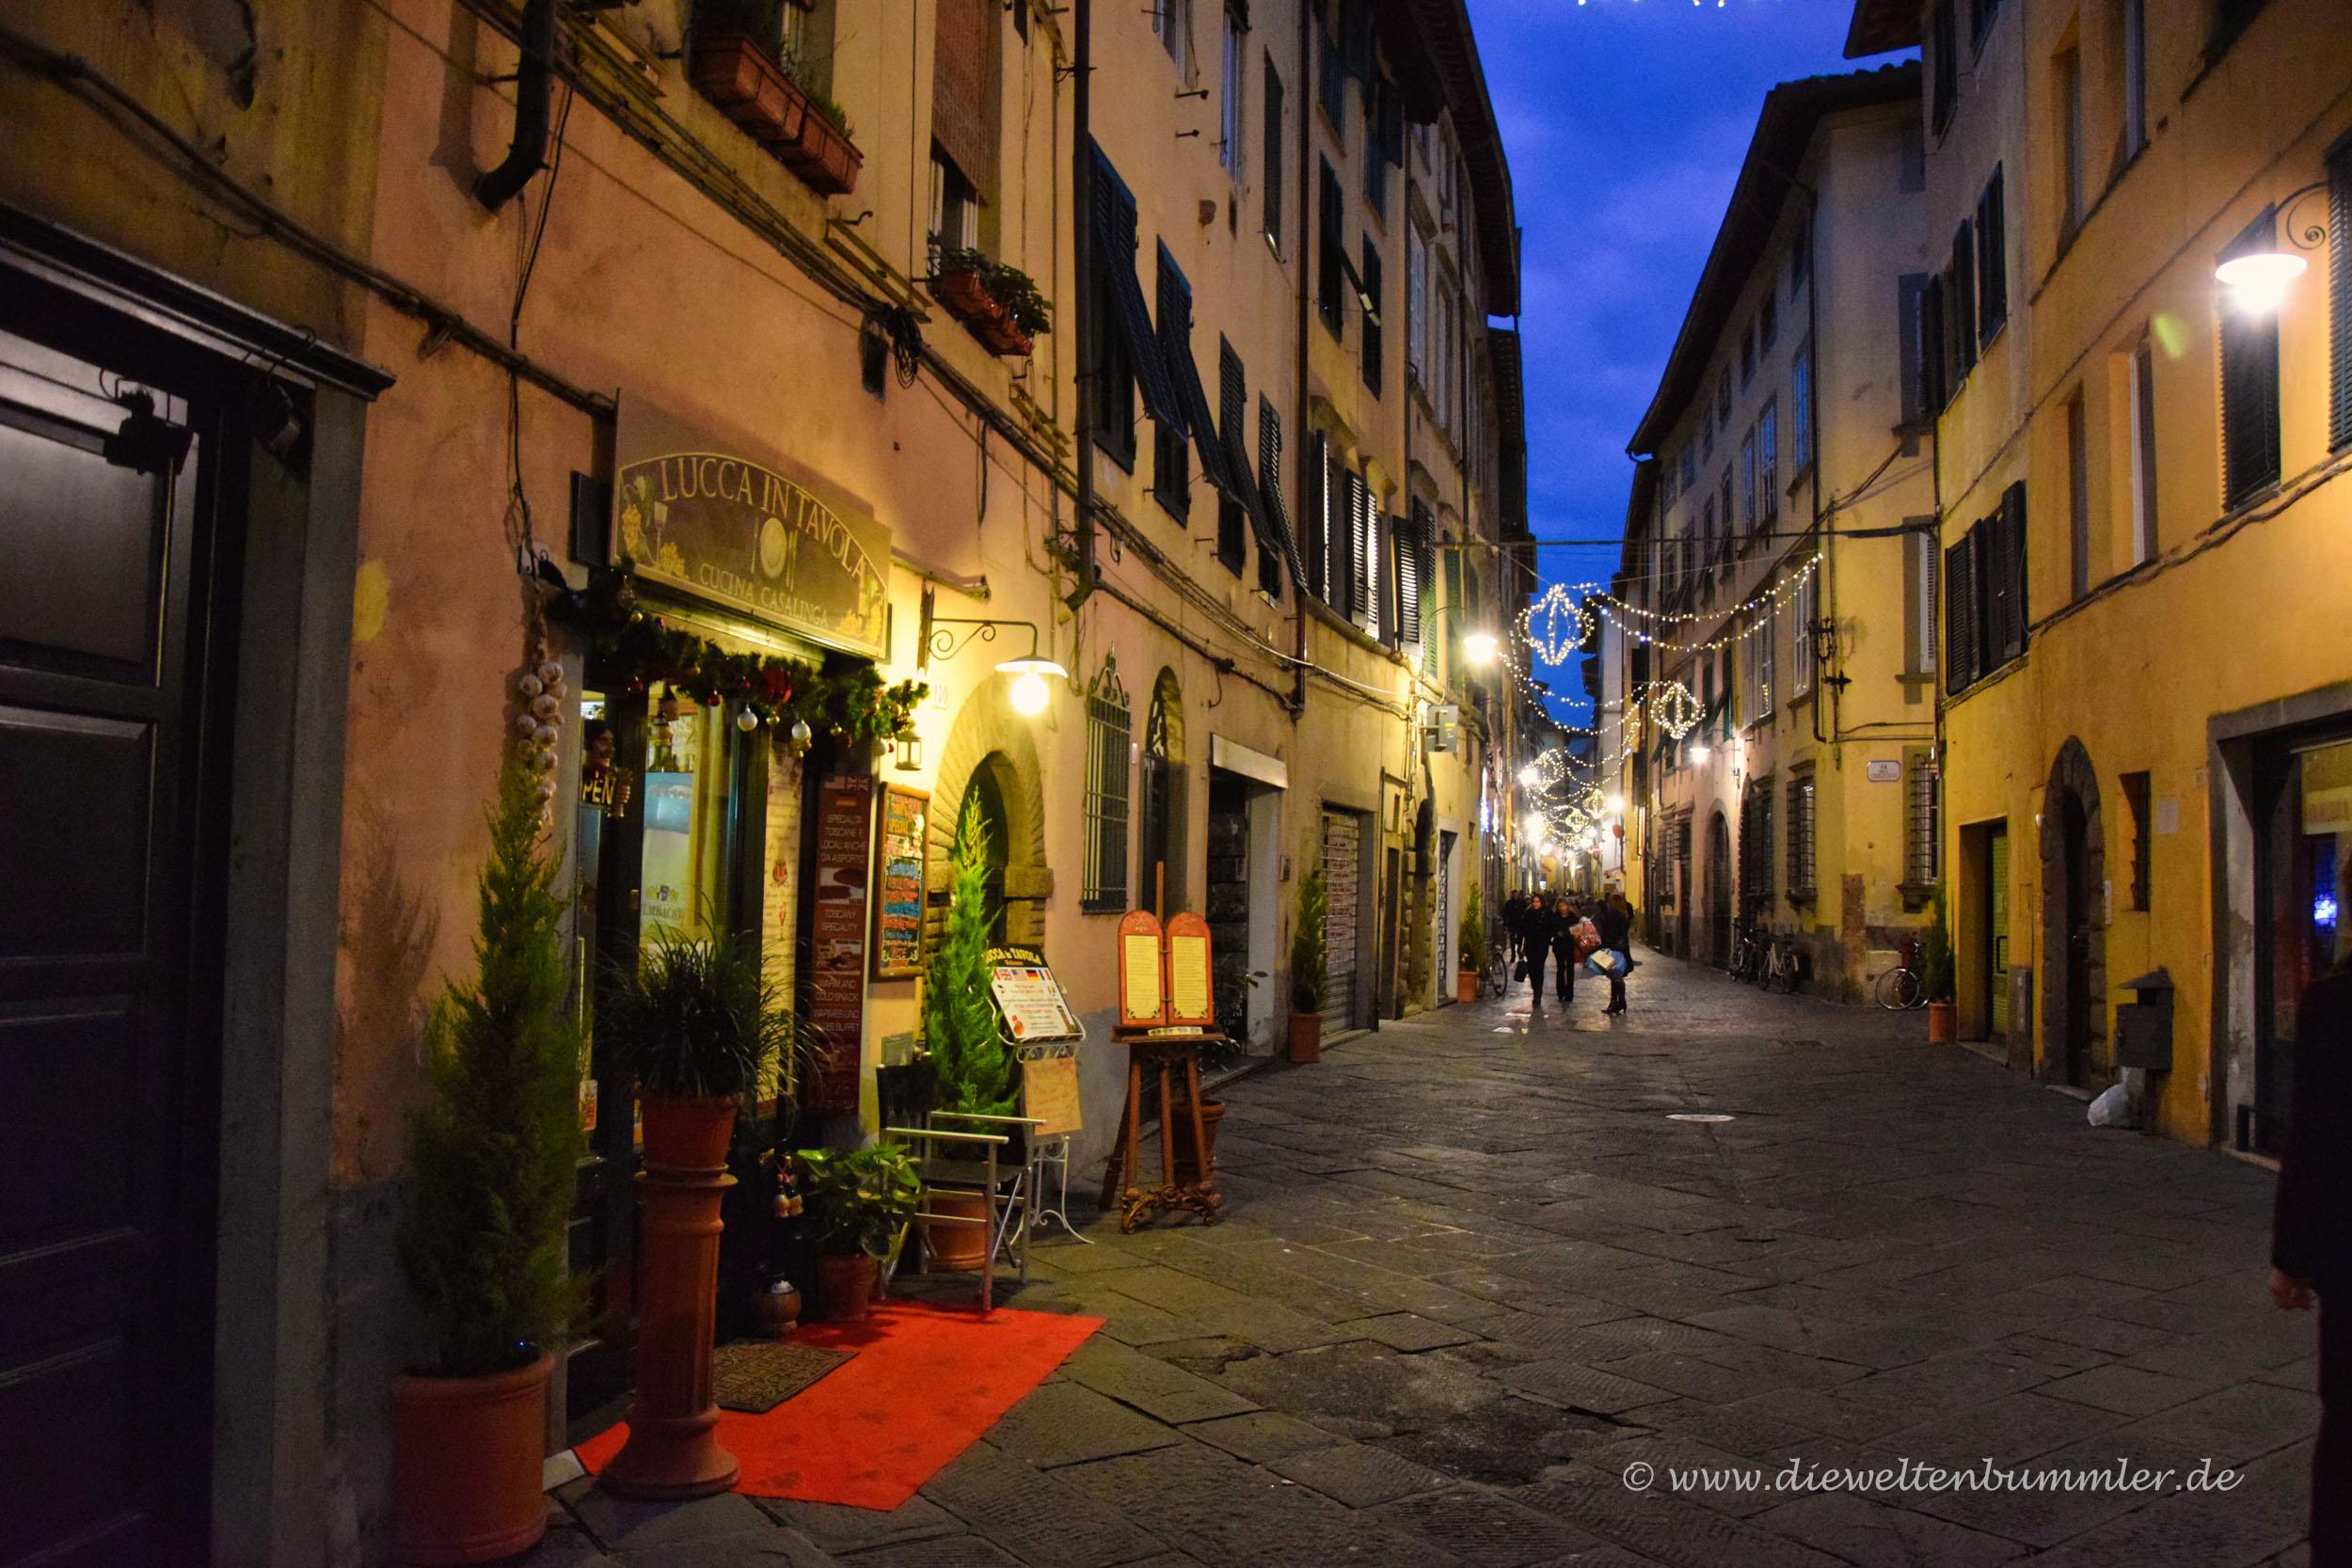 Gasse in der Altstadt von Lucca